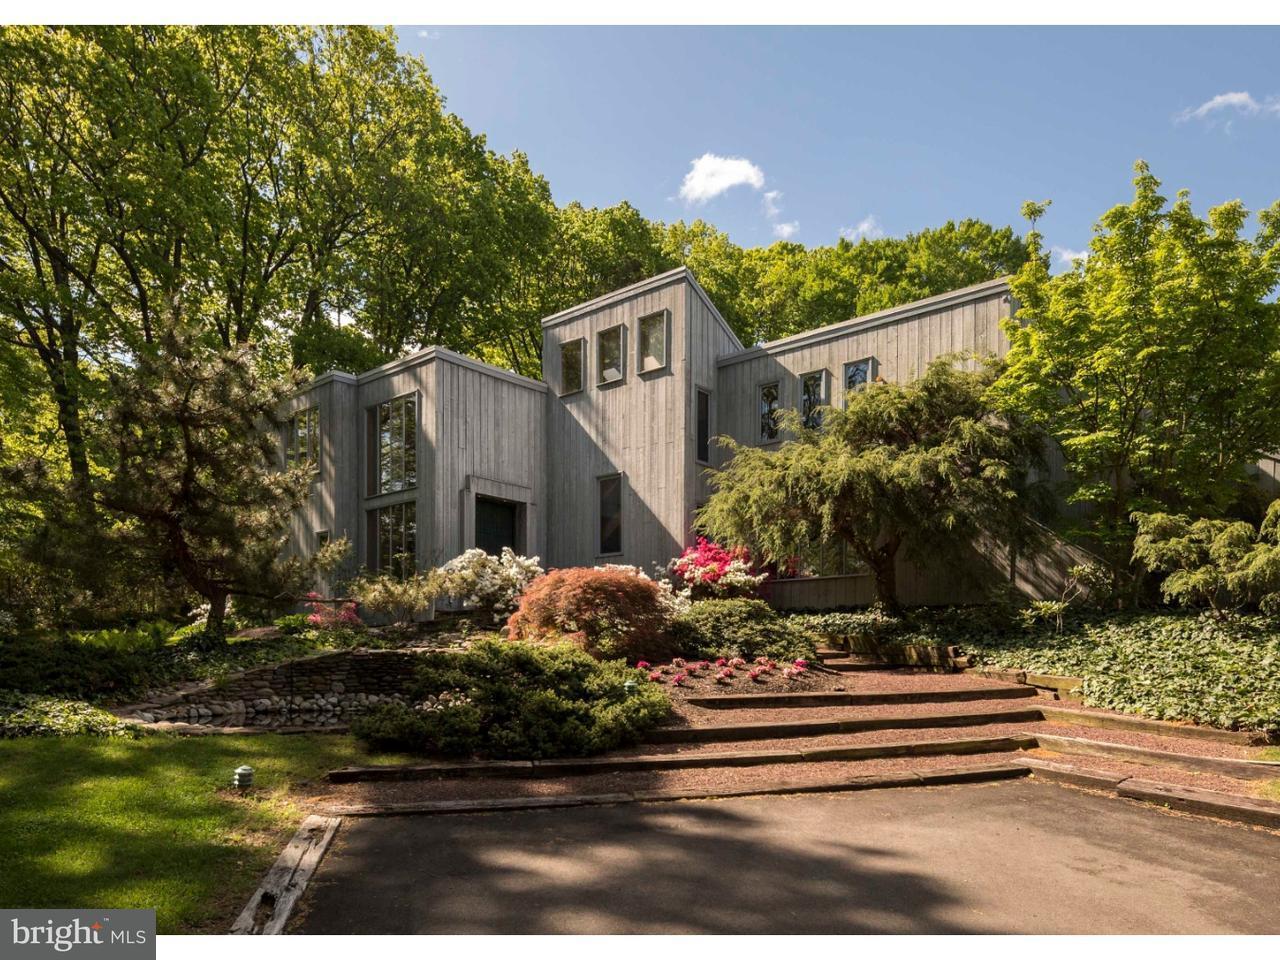 Частный односемейный дом для того Продажа на 1531 RYDAL Road Rydal, Пенсильвания 19046 Соединенные Штаты